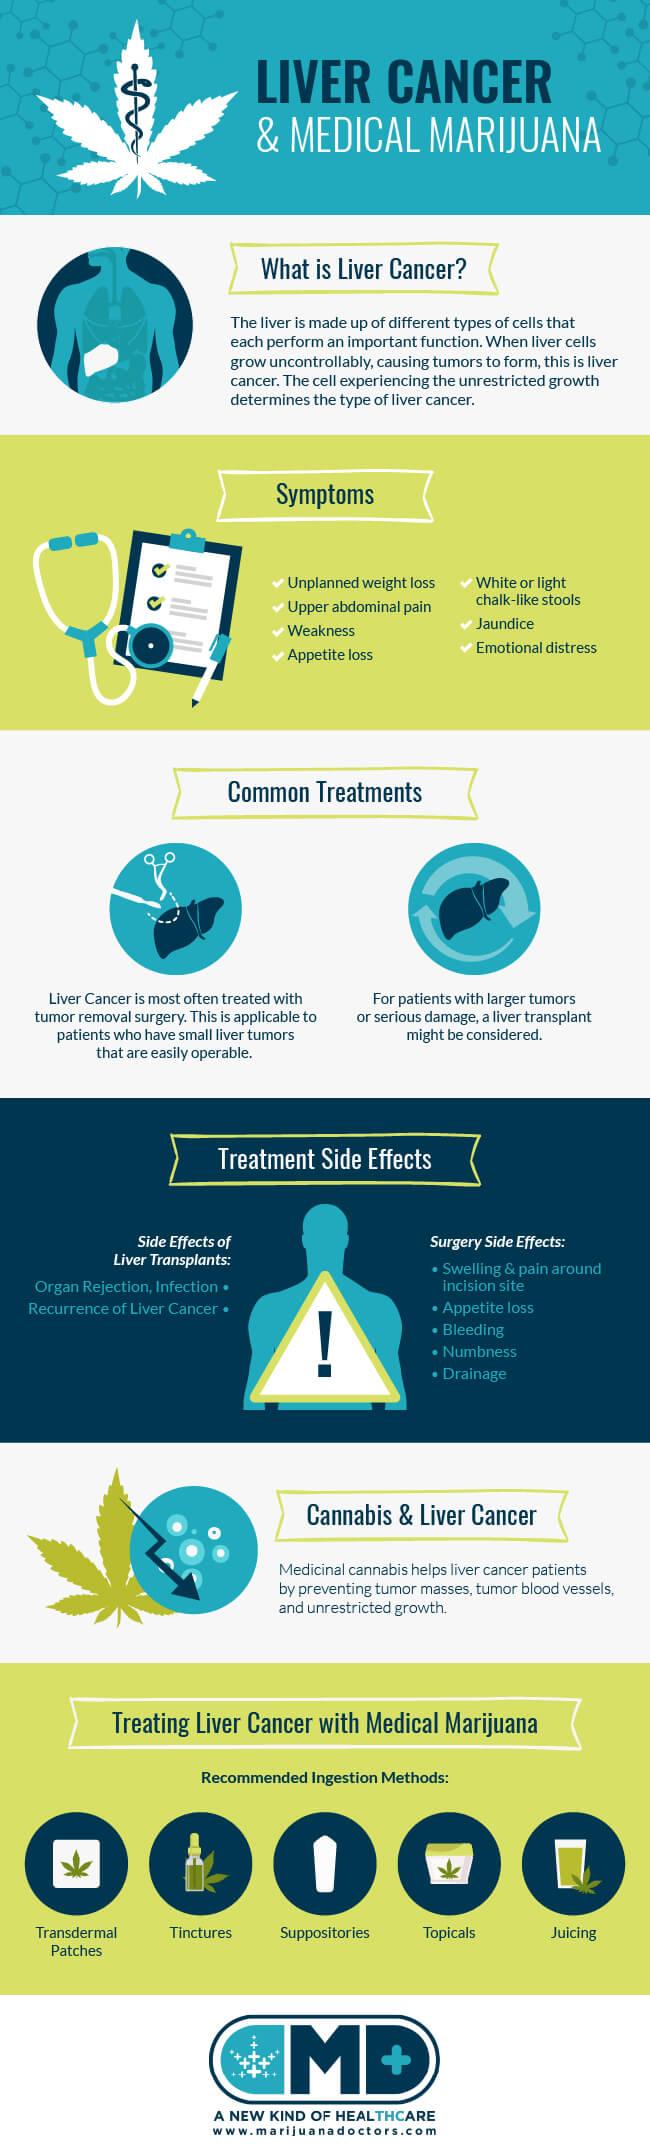 Liver Cancer and Medical Marijuana